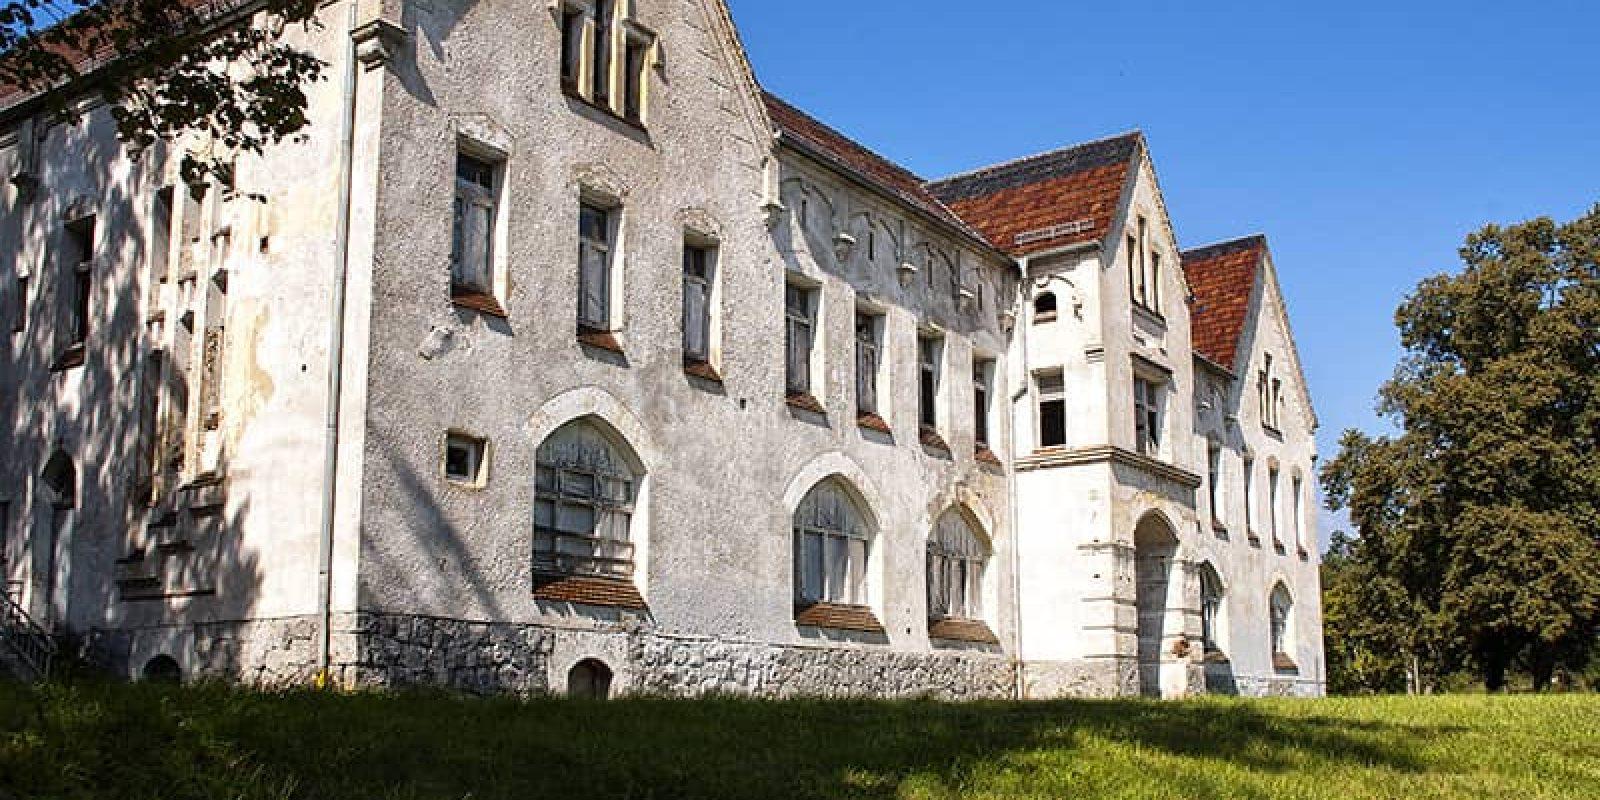 Landesirrenanstalt Domjüch Neustrelitz